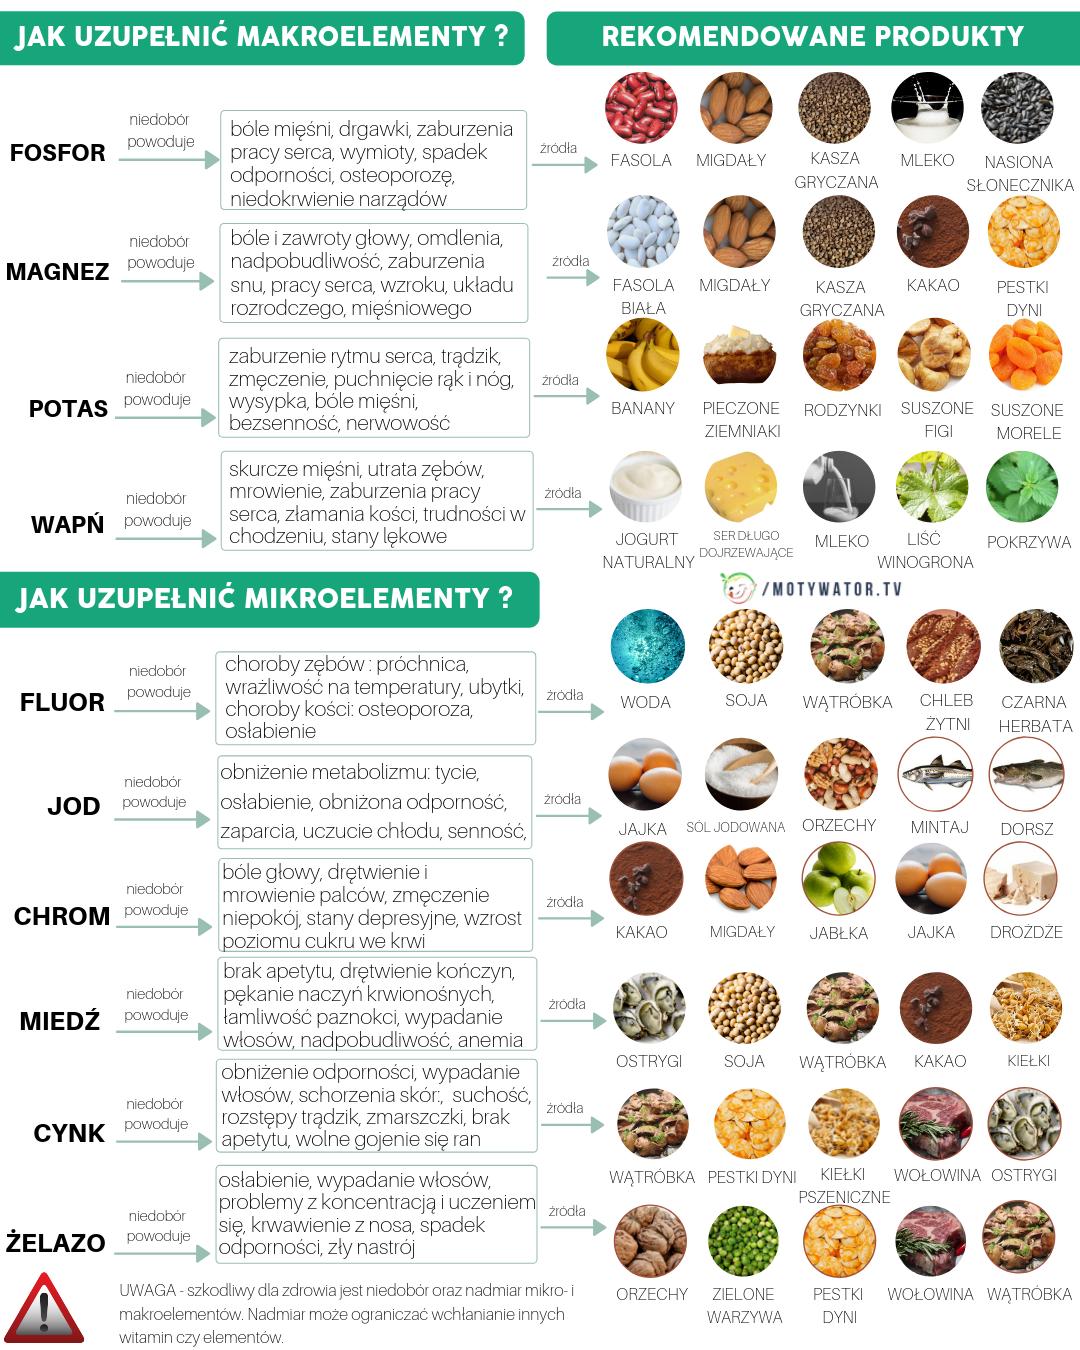 Makro i mikroelementy - wszystko tkwi w zróżnicowanej diecie.